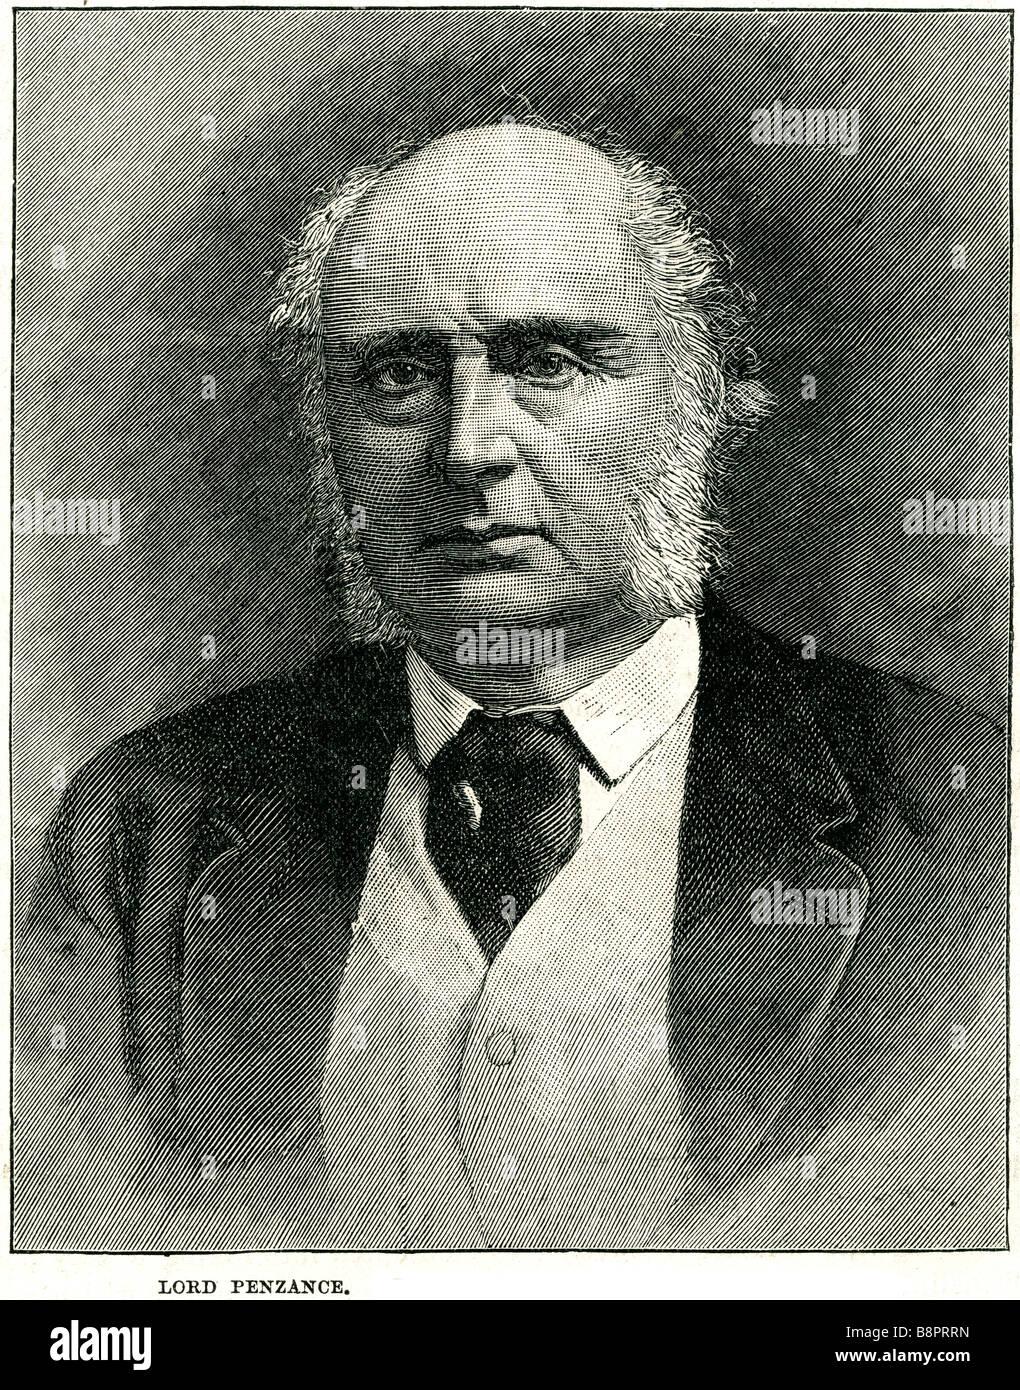 Signore Penzance James Plaisted Wilde 1816 1899 giudice britannico giardiniere amatoriale Immagini Stock